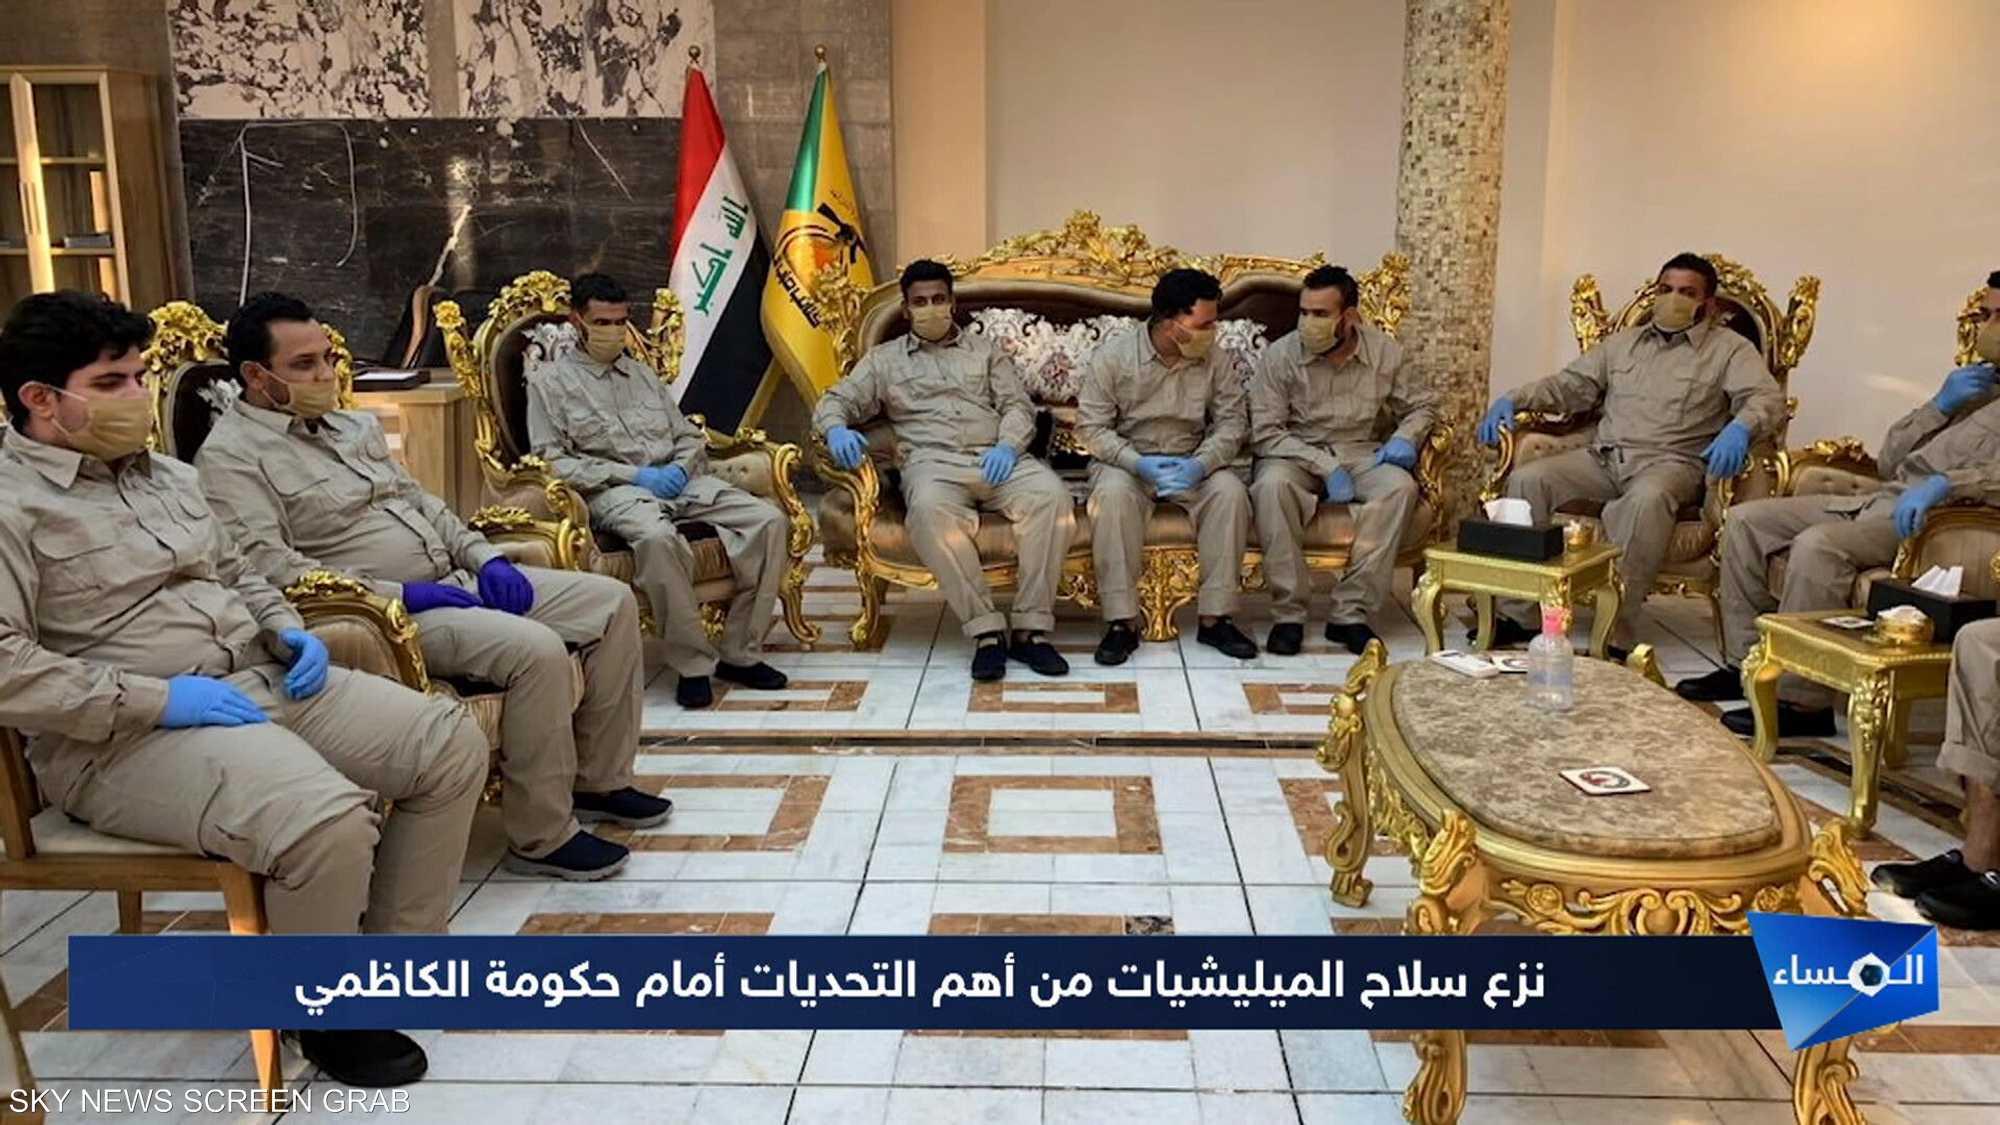 """حزب الله العراقي يتوعد بإخراج القوات الأميركية """"بالقوة"""""""